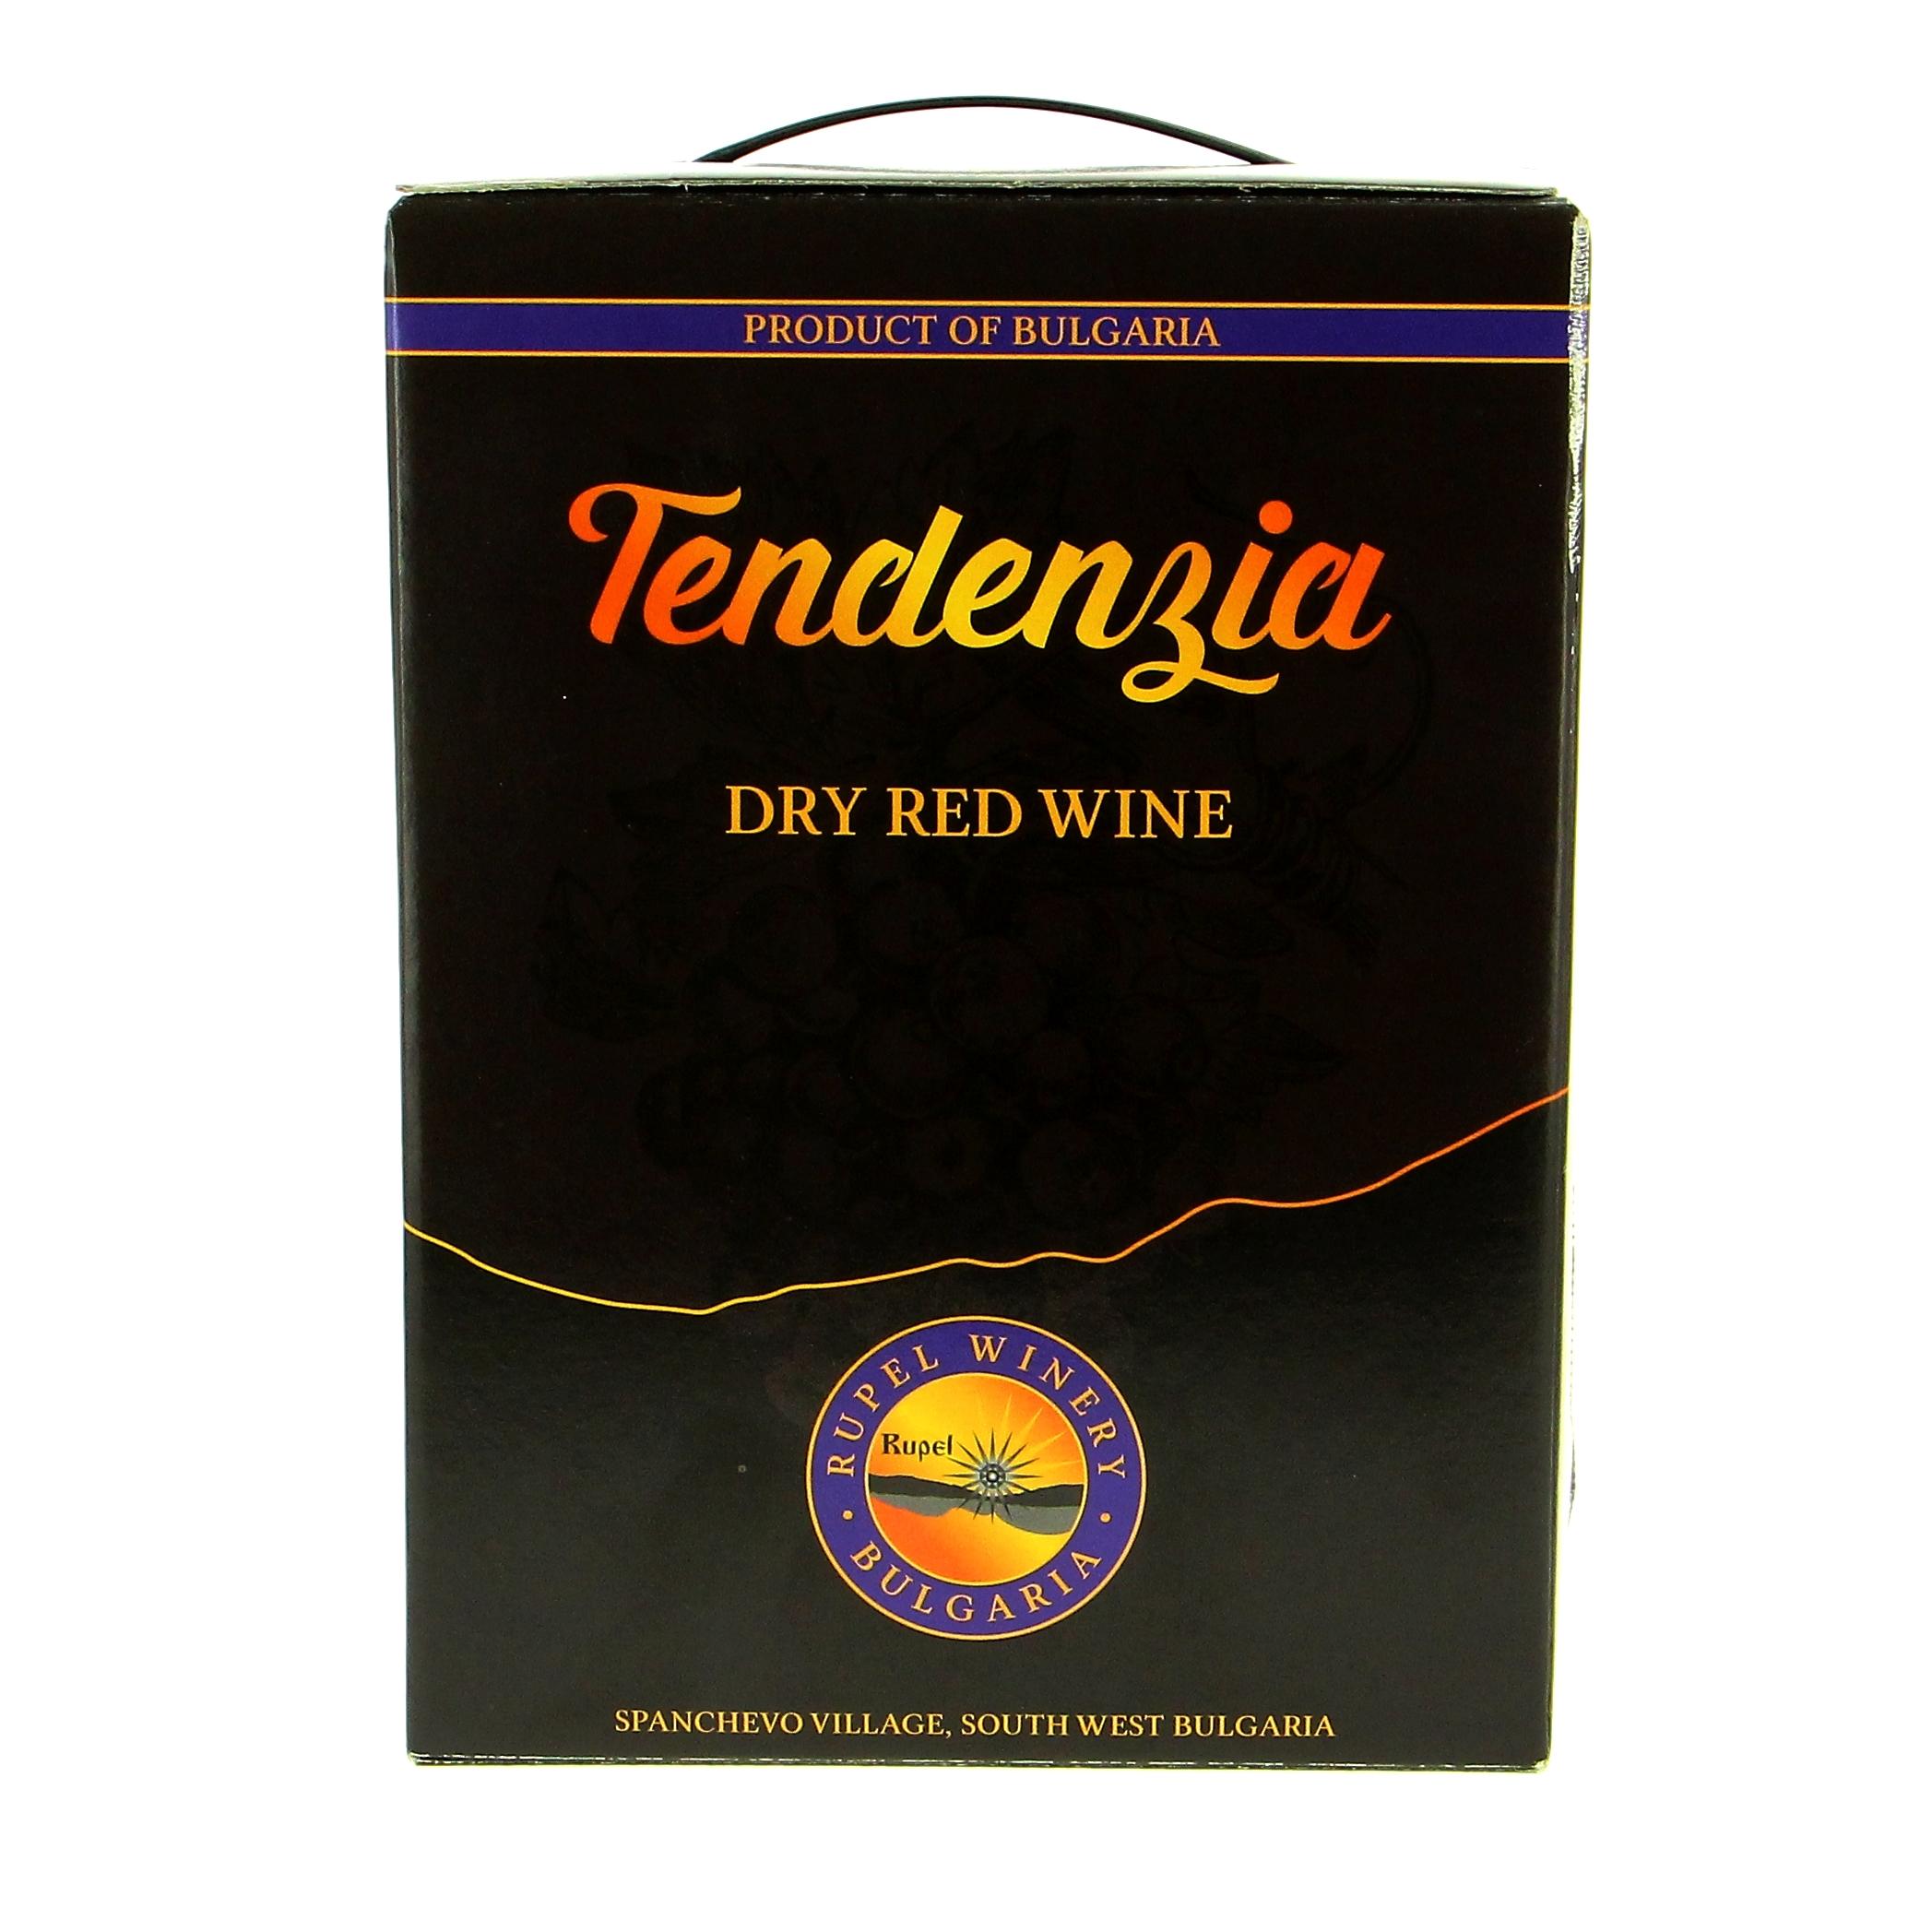 Tendenzia box